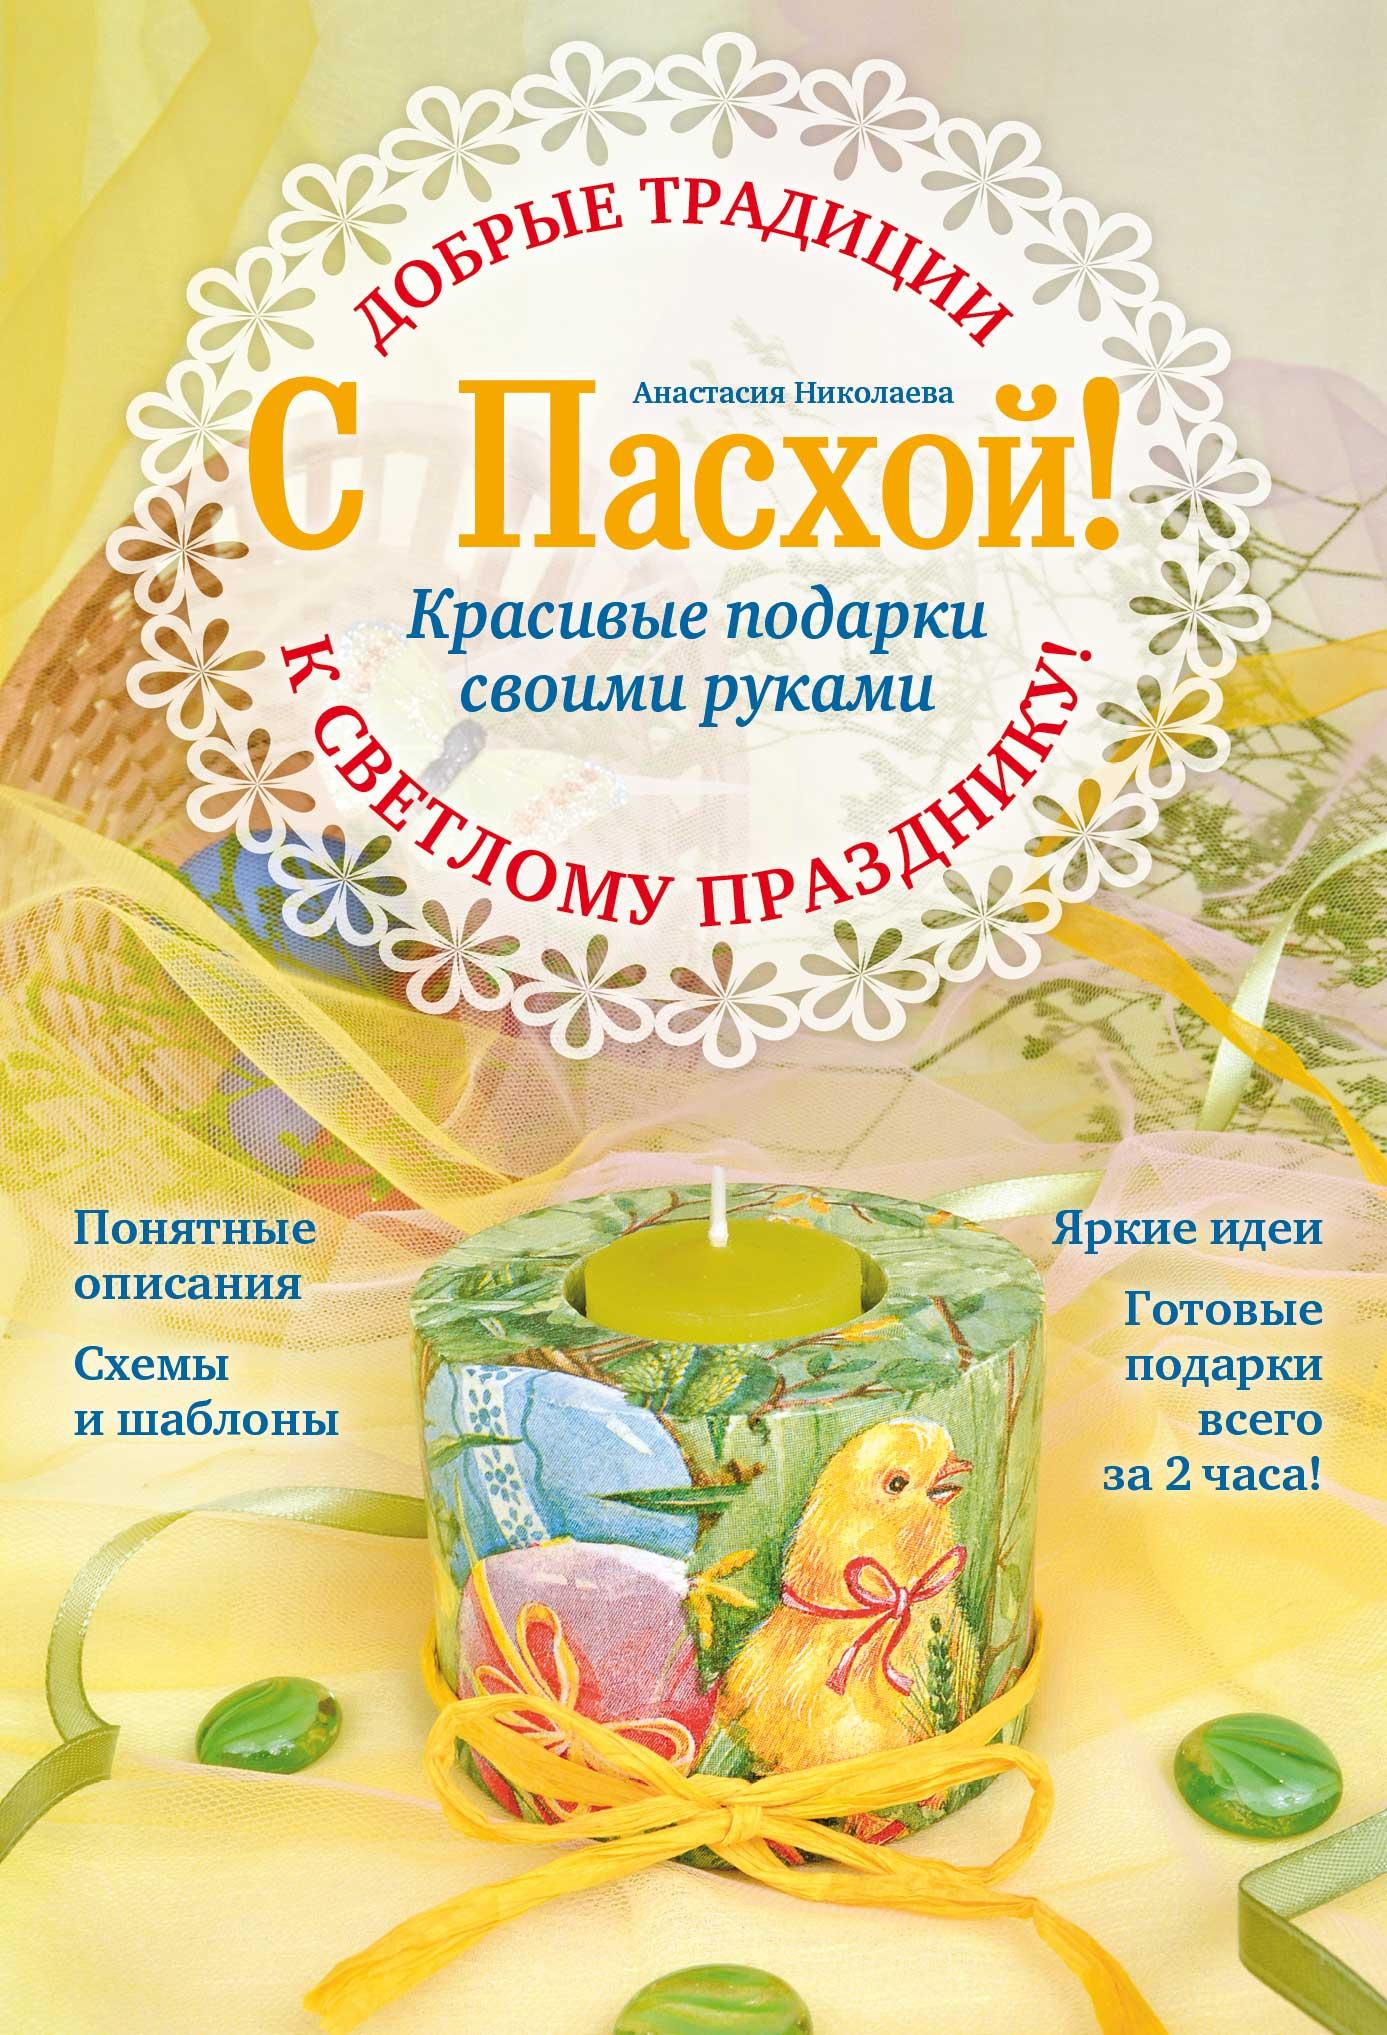 Анастасия Витальевна Николаева С Пасхой! Красивые подарки своими руками николаева а в с пасхой красивые подарки своими руками